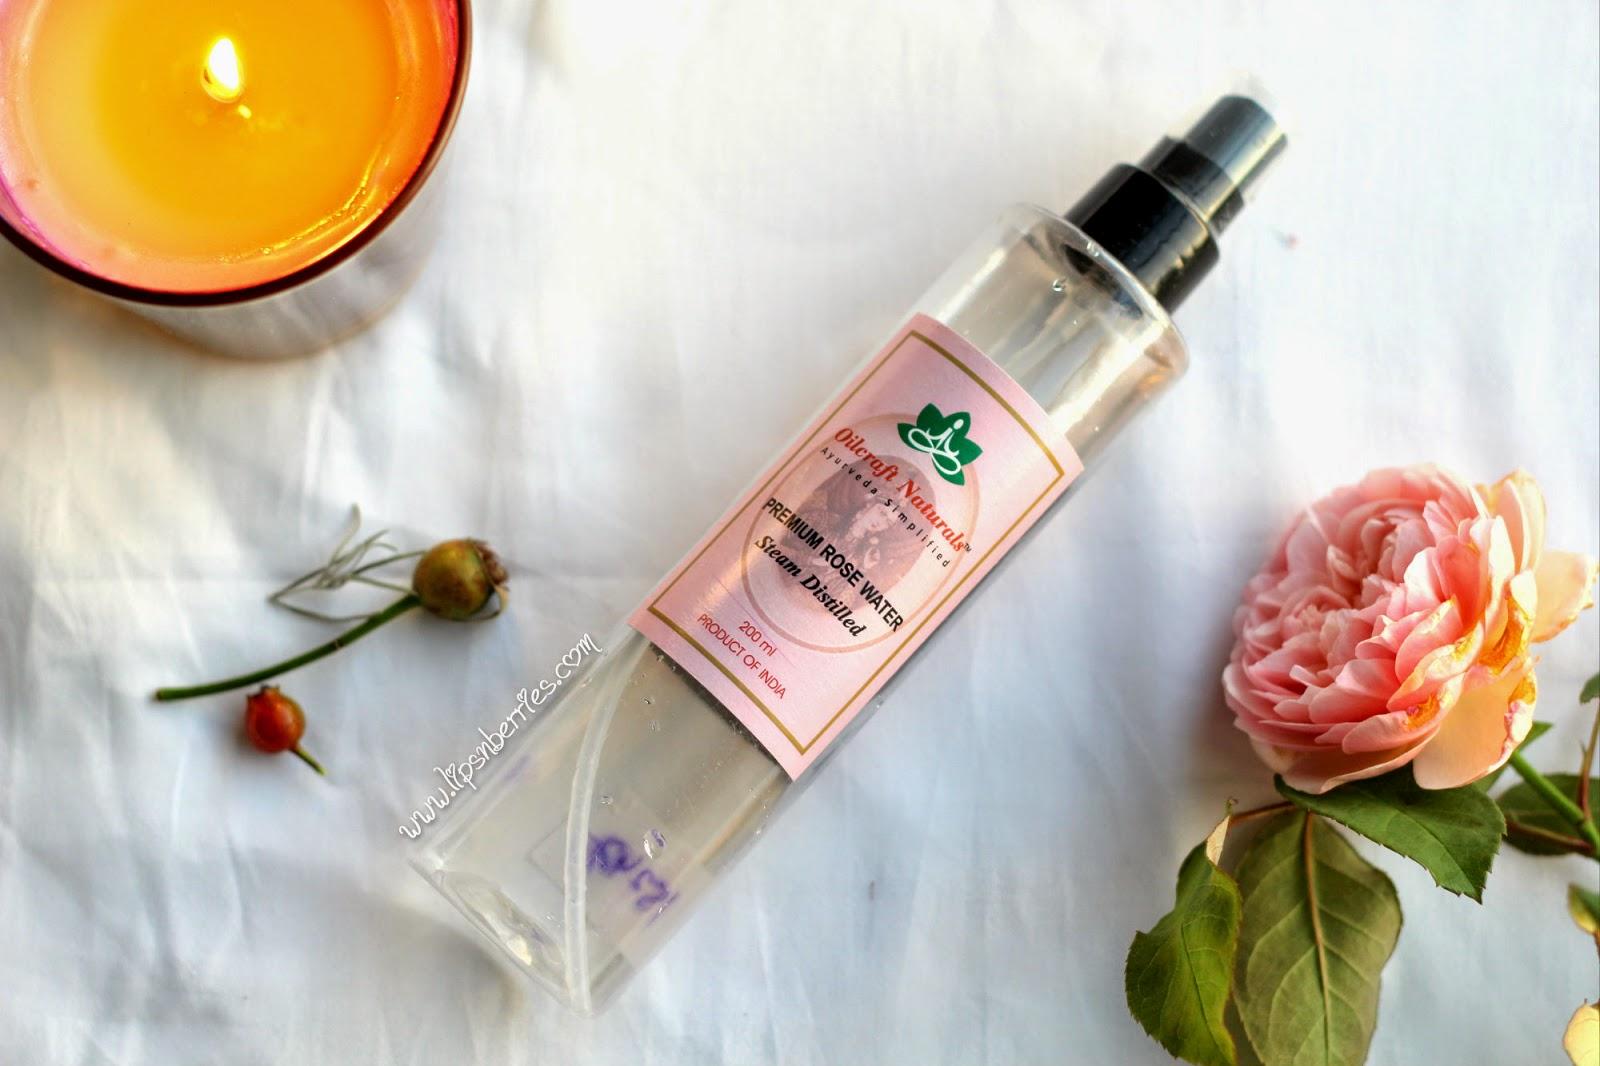 Oilcraft naturals premium rosewater